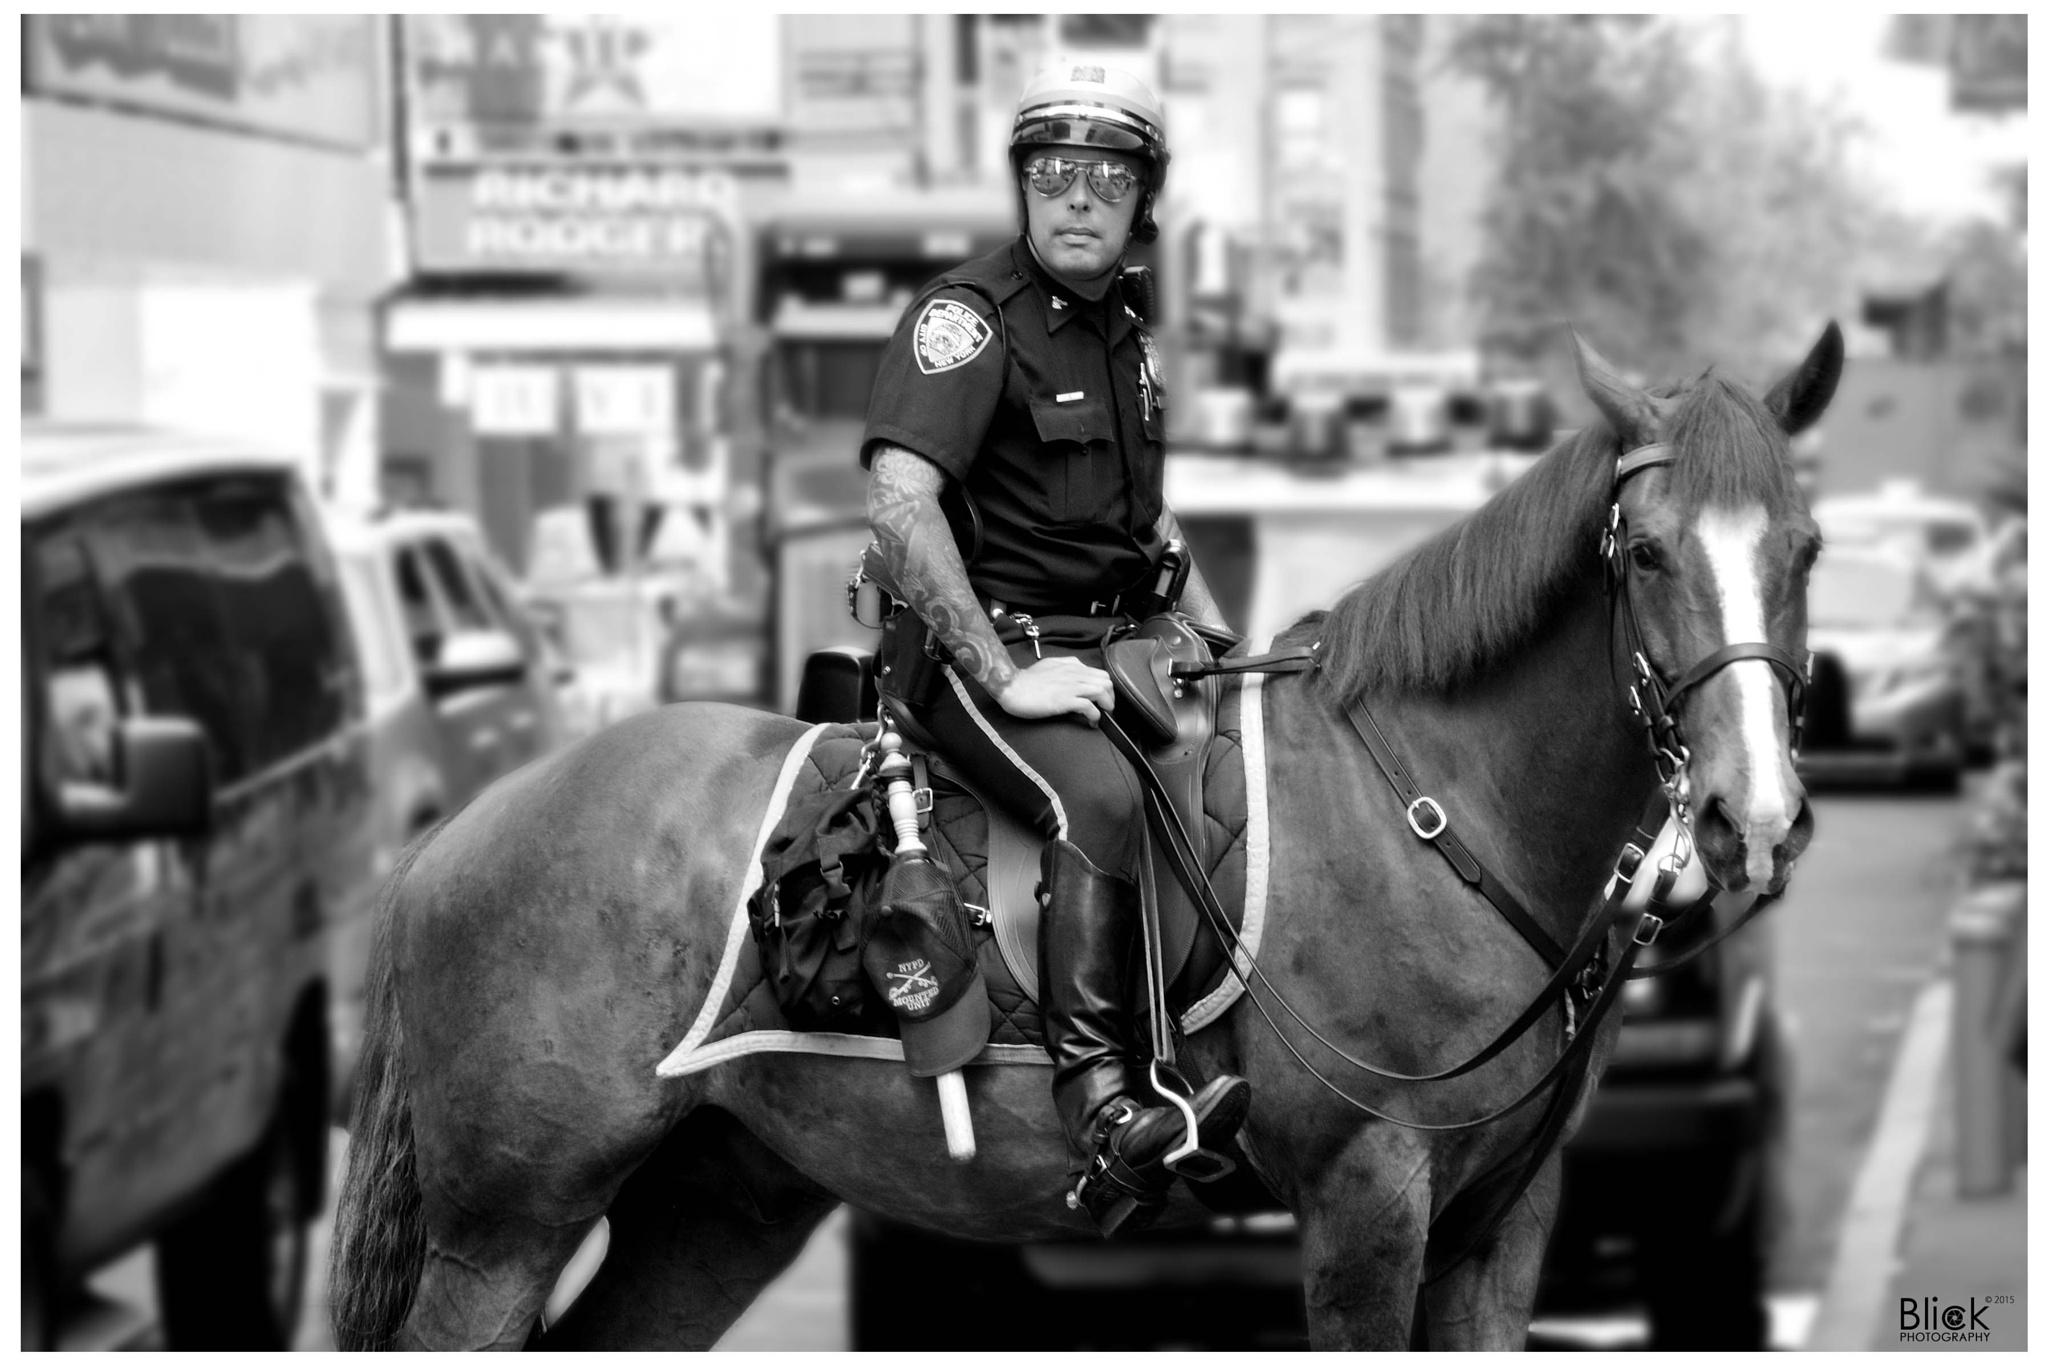 NYC Patrol by Florian Crone